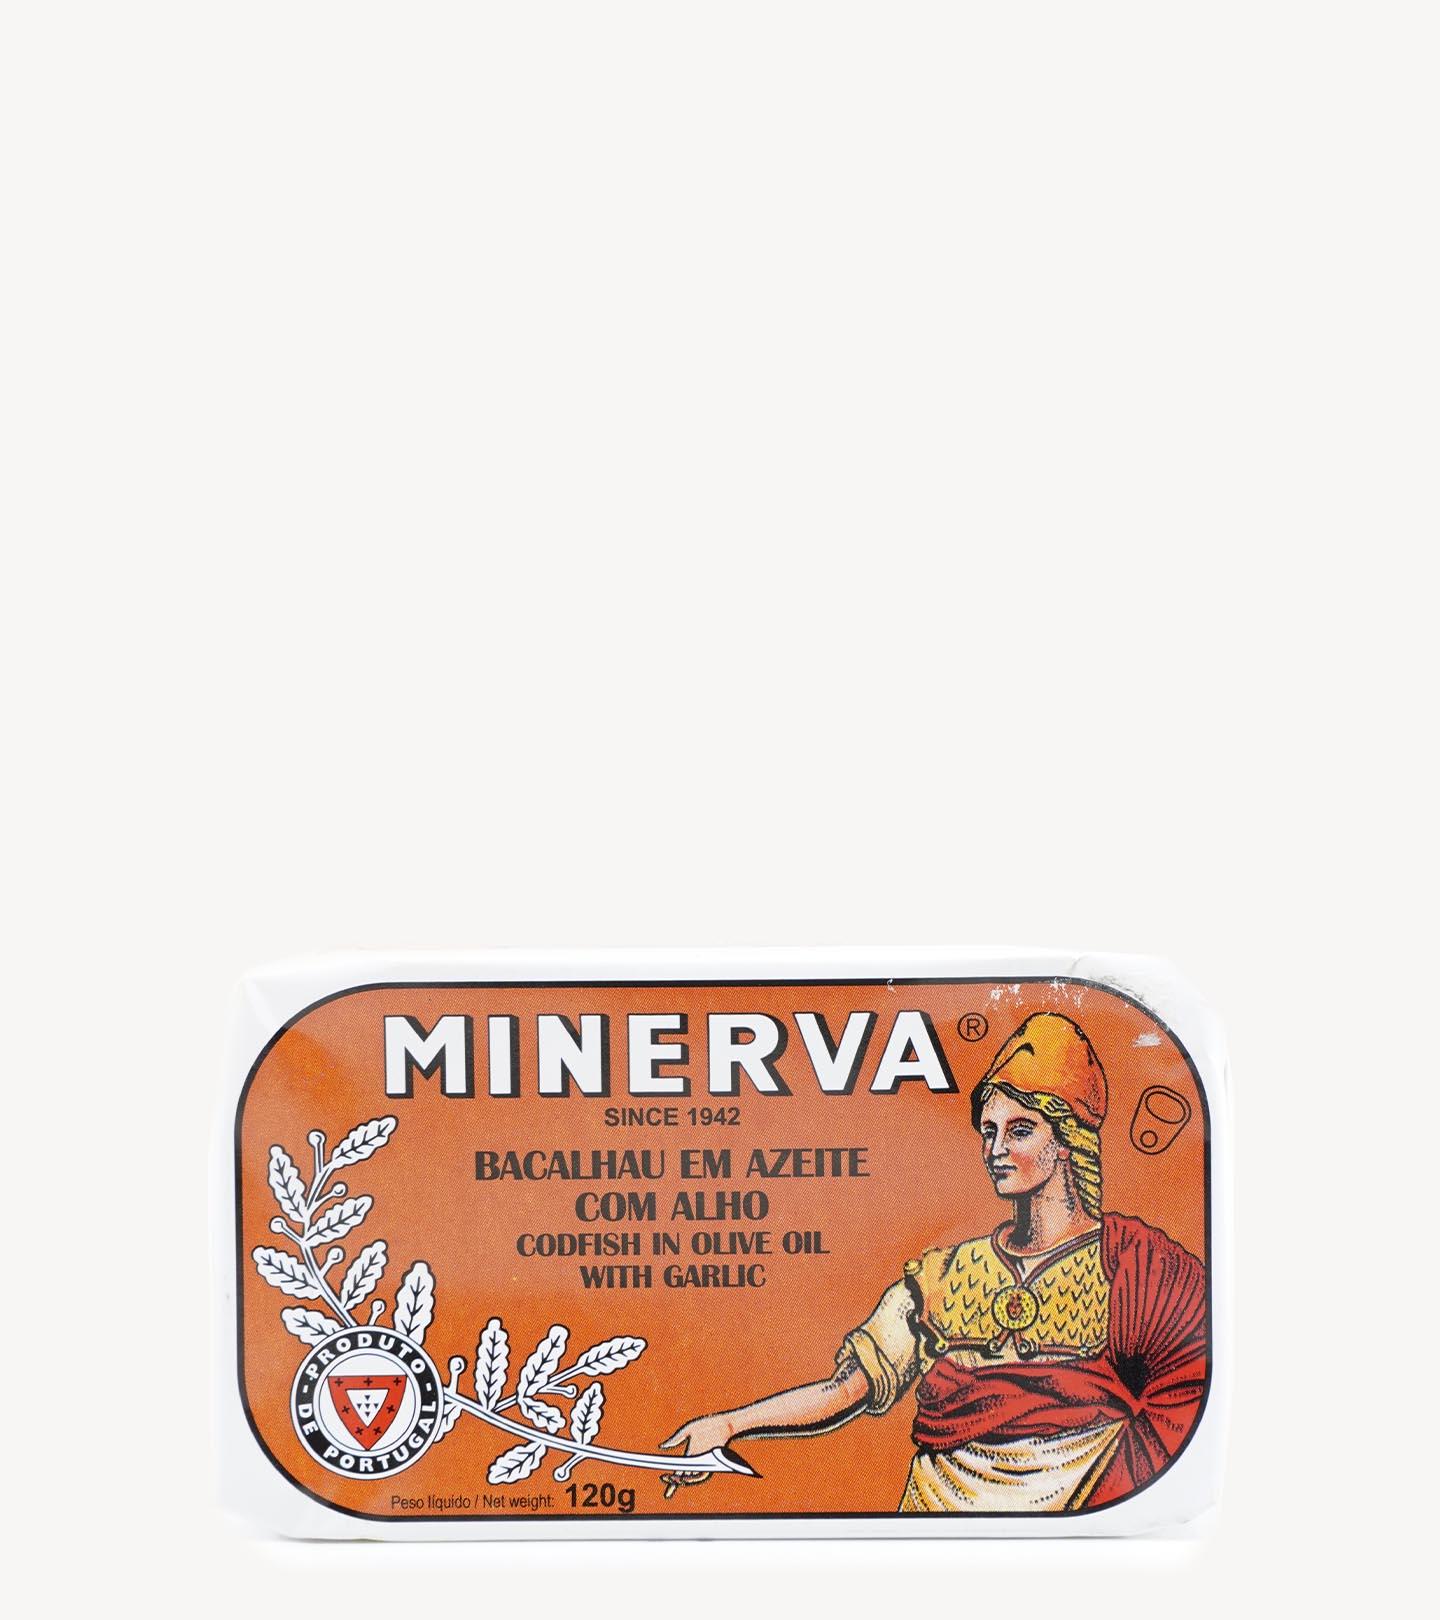 Bacalhau em Azeite c/ Alho Minerva 120g